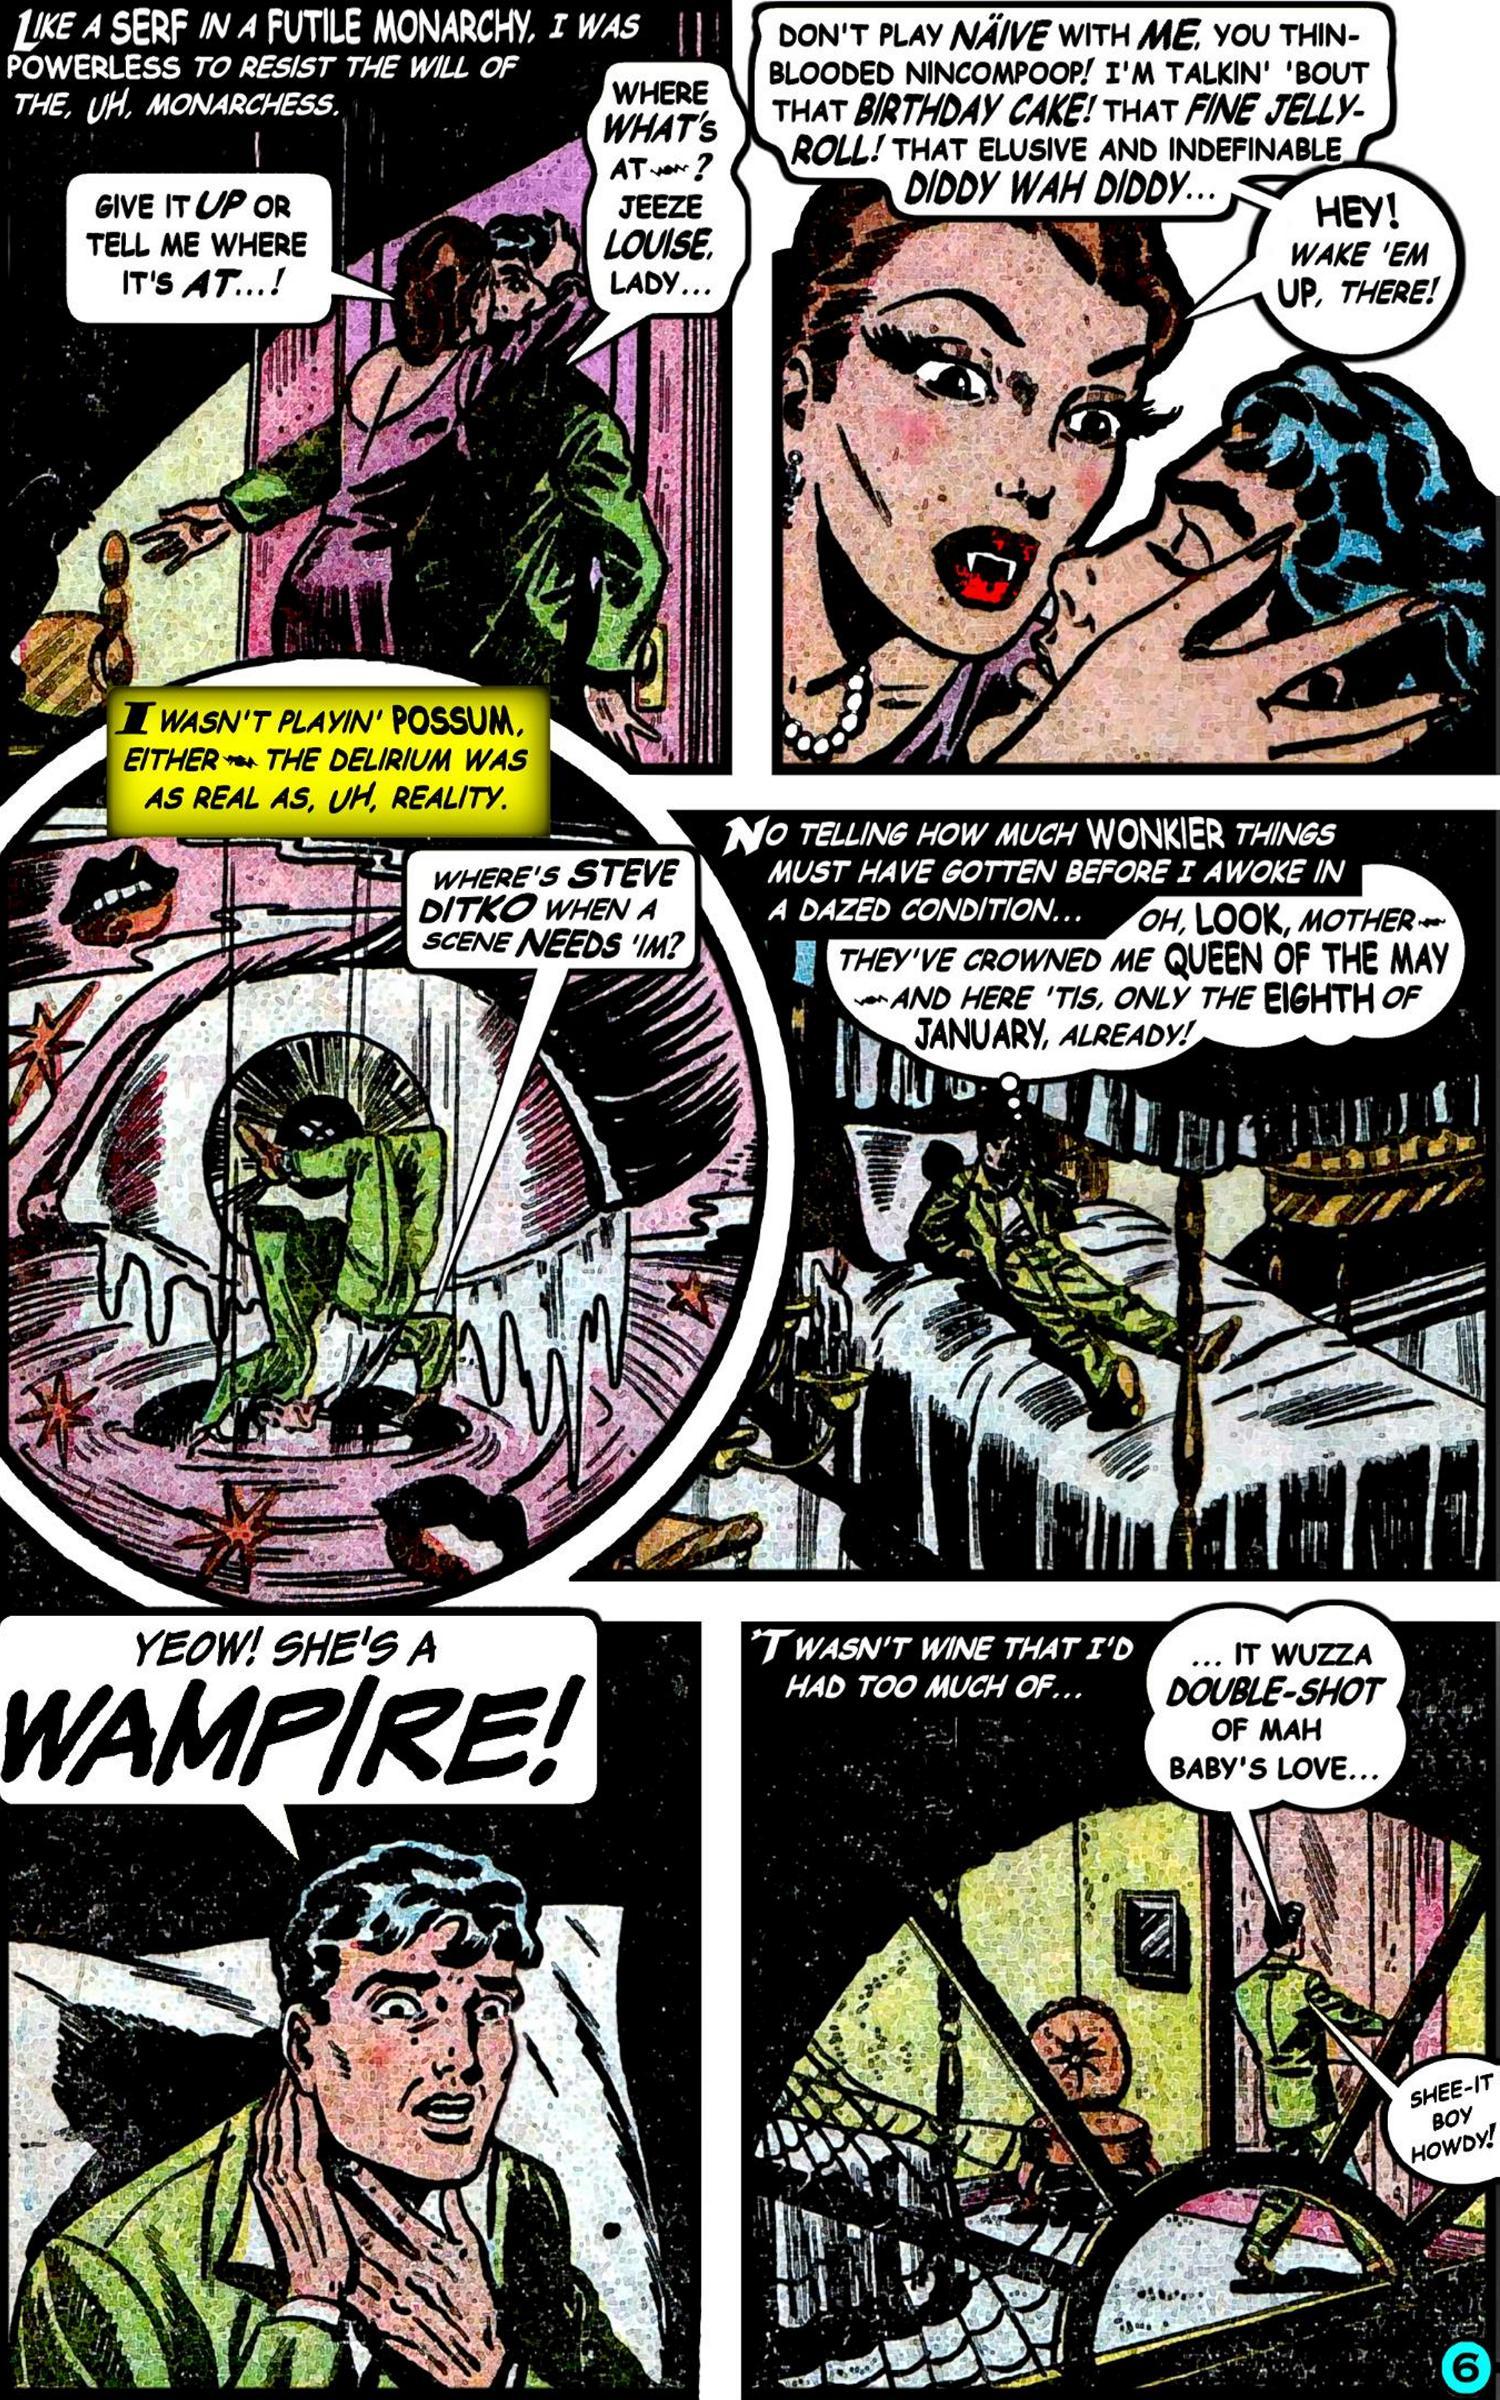 Wampire6